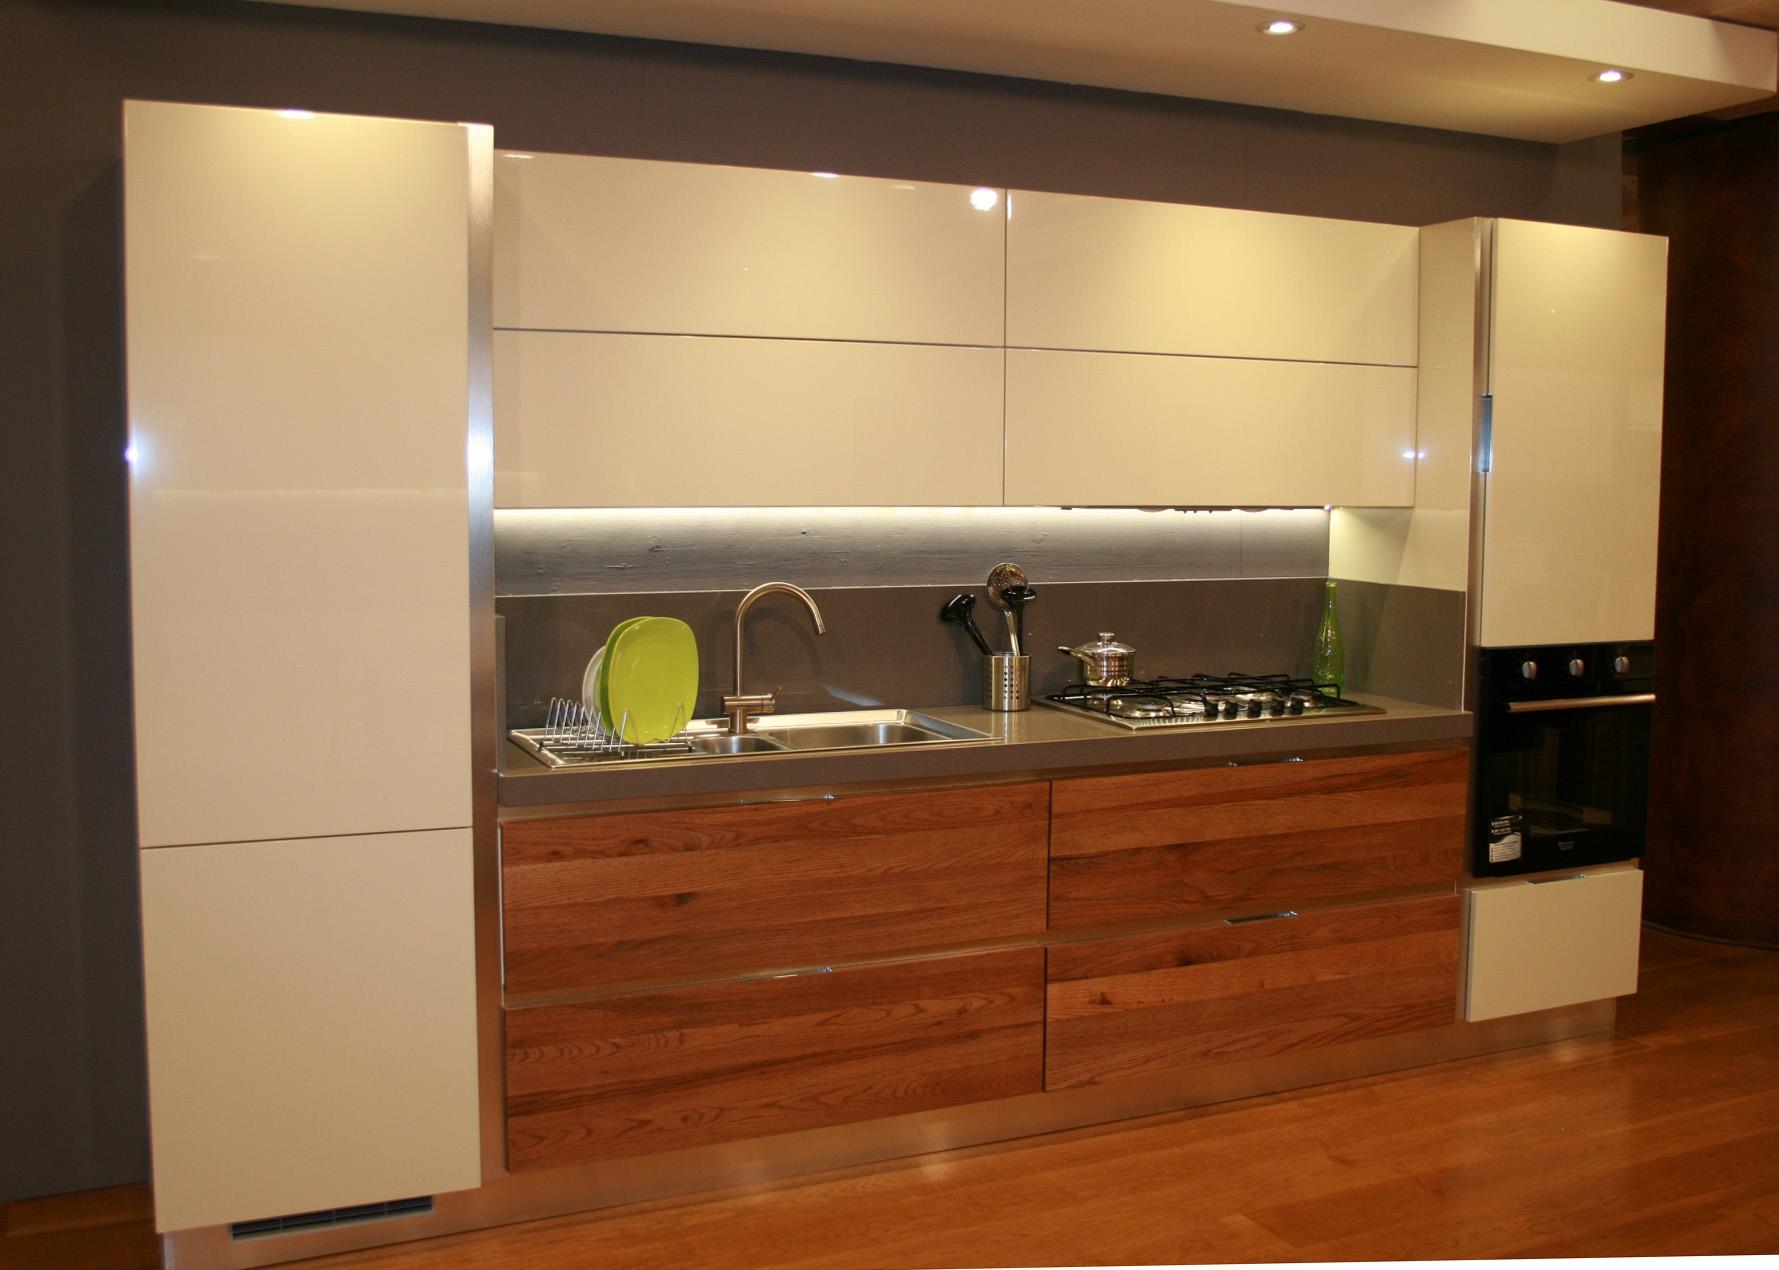 lavello cucina grigio: cucina moderna particolare - cucine a ... - Cucina Moderna Usata